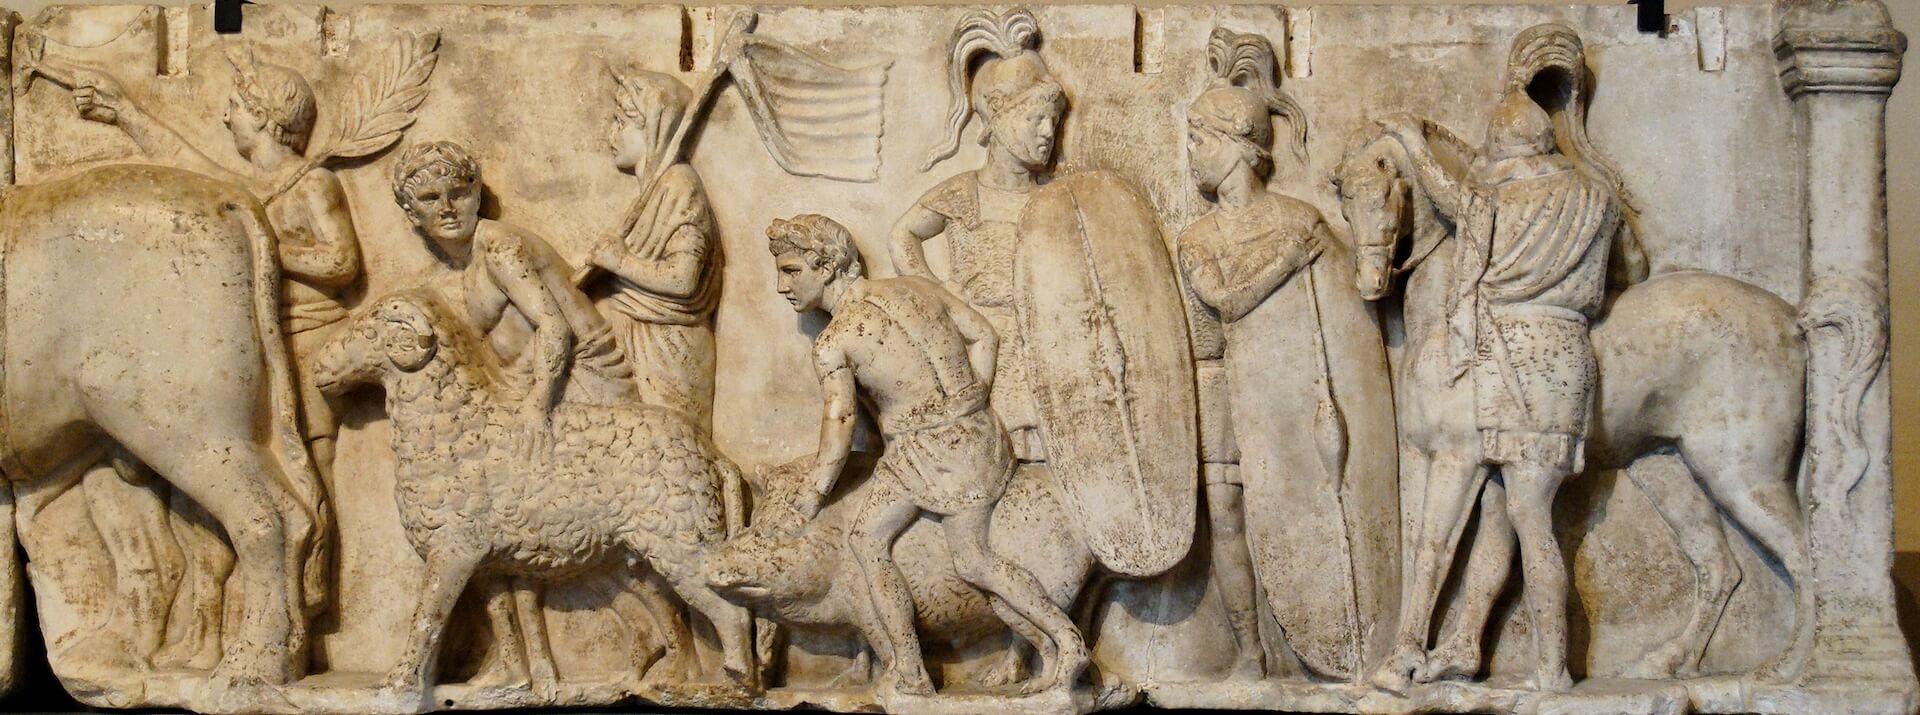 Ejército romano republicano